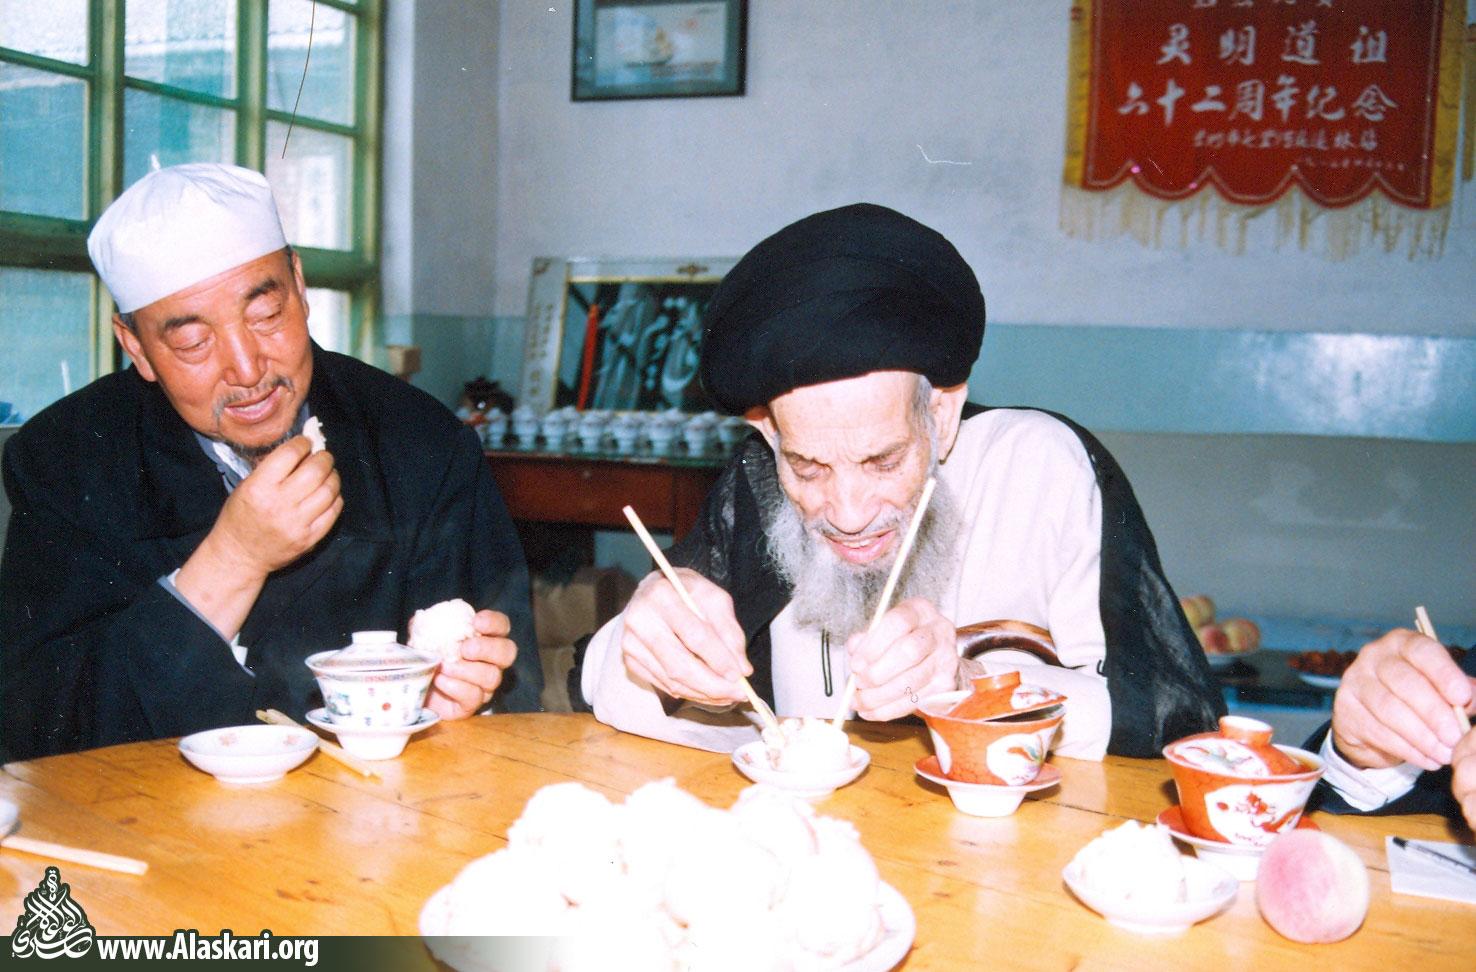 ناهار متفاوت علامه عسکری همراه با امام جماعت مسجد شیگون شهر لانچو-چین